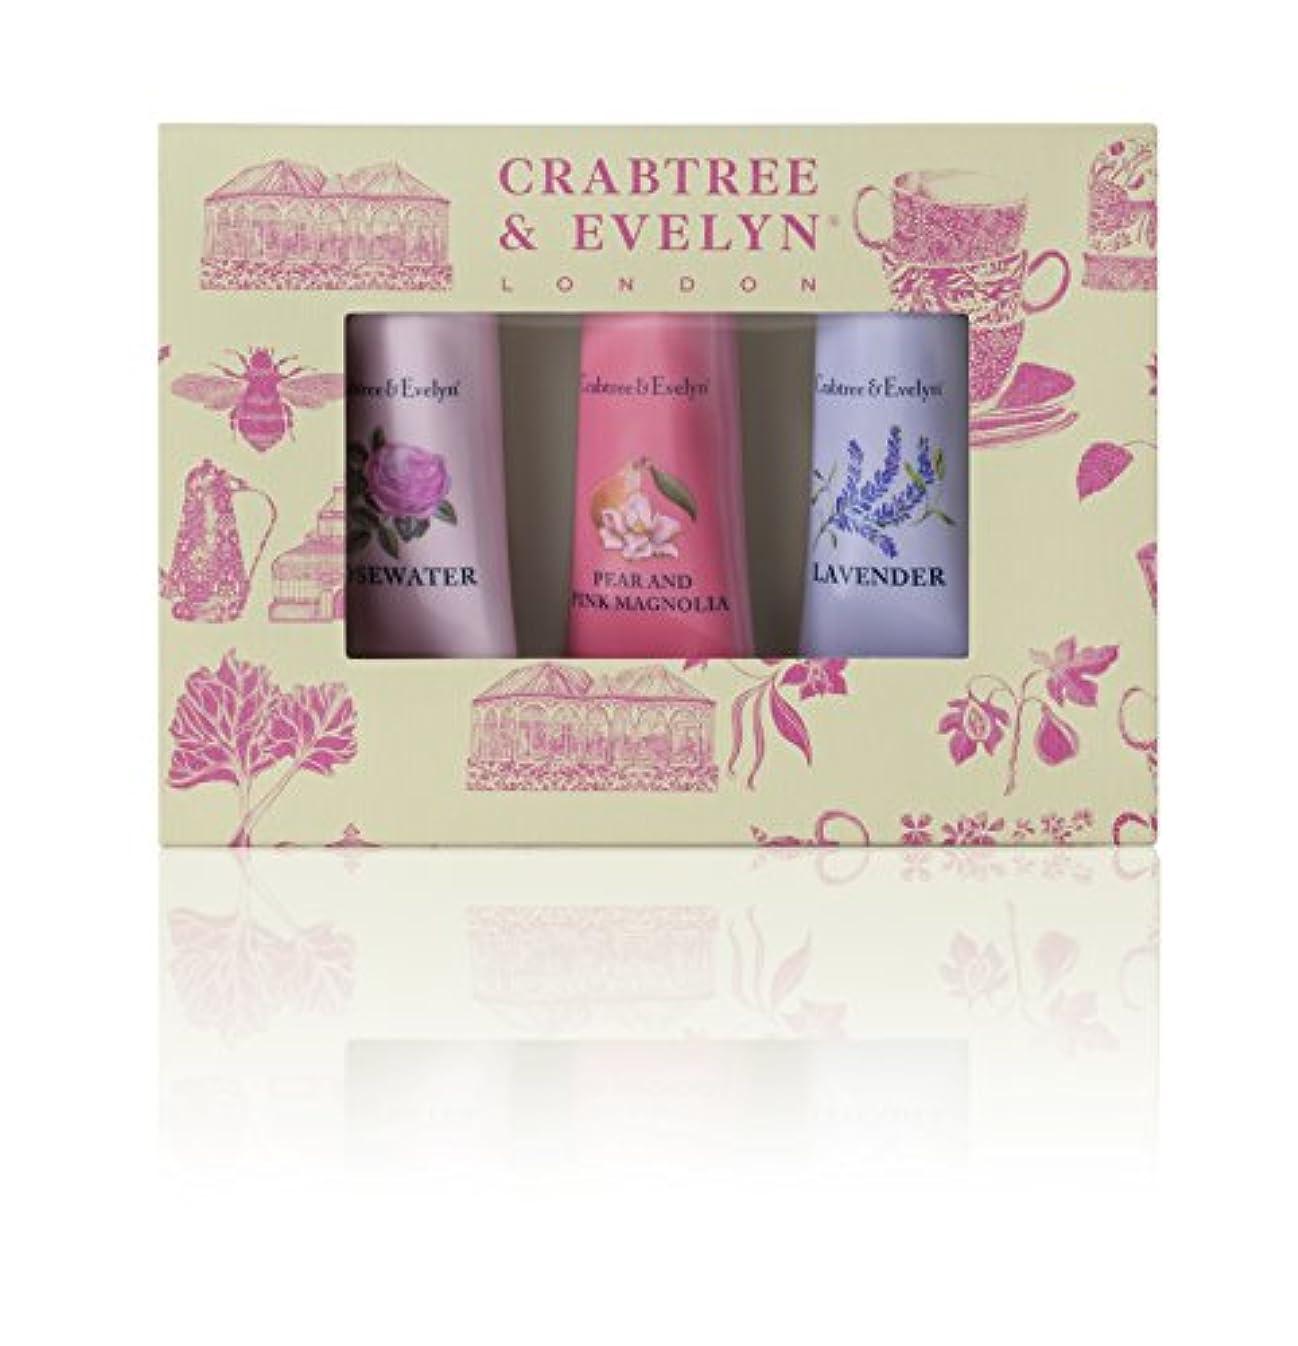 一族シンプトン繰り返したクラブツリー&イヴリン Florals Hand Therapy Set (1x Pear & Pink Magnolia, 1x Rosewater, 1x Lavender) 3x25g/0.9oz並行輸入品